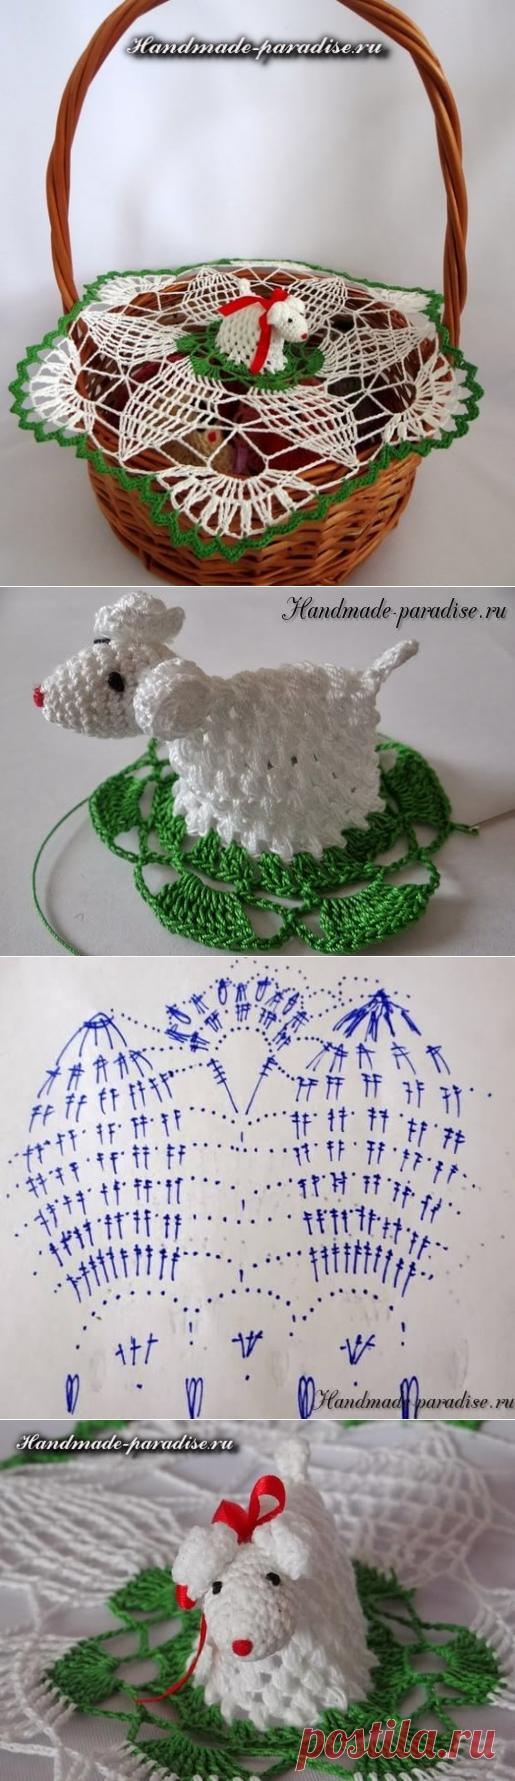 Салфетка крючком с пасхальной овечкой